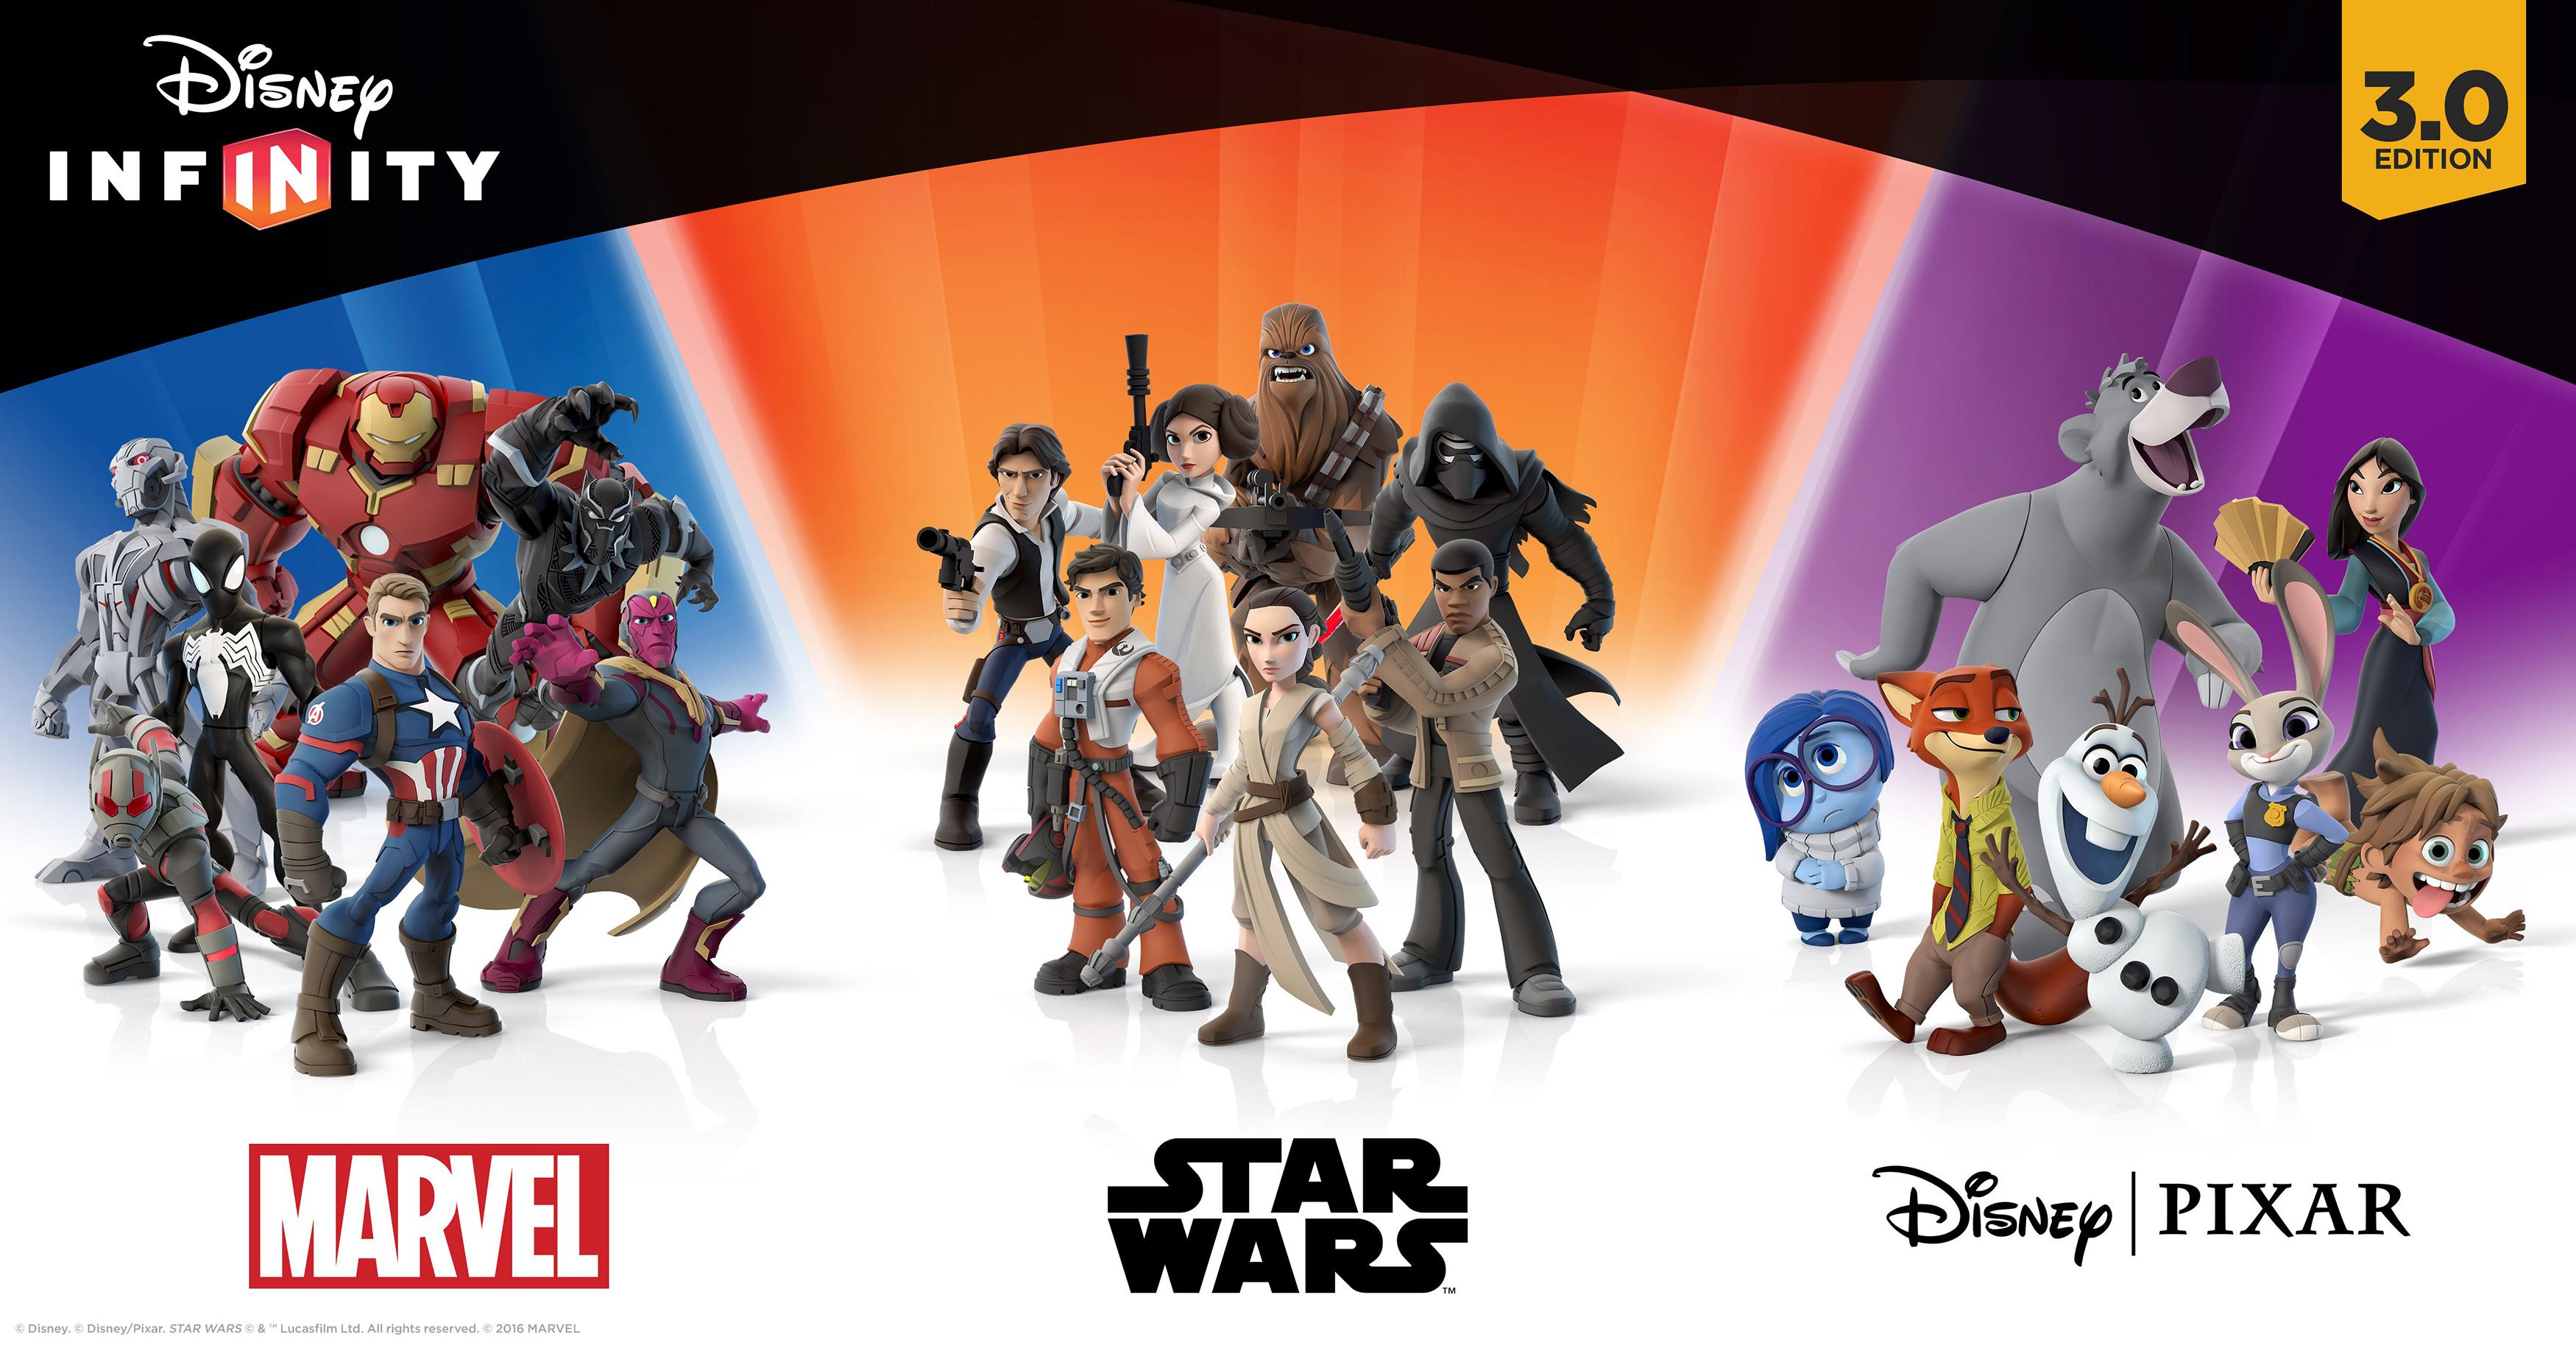 Disney-Infinity-annonce-ces-plans-pour-2016-1